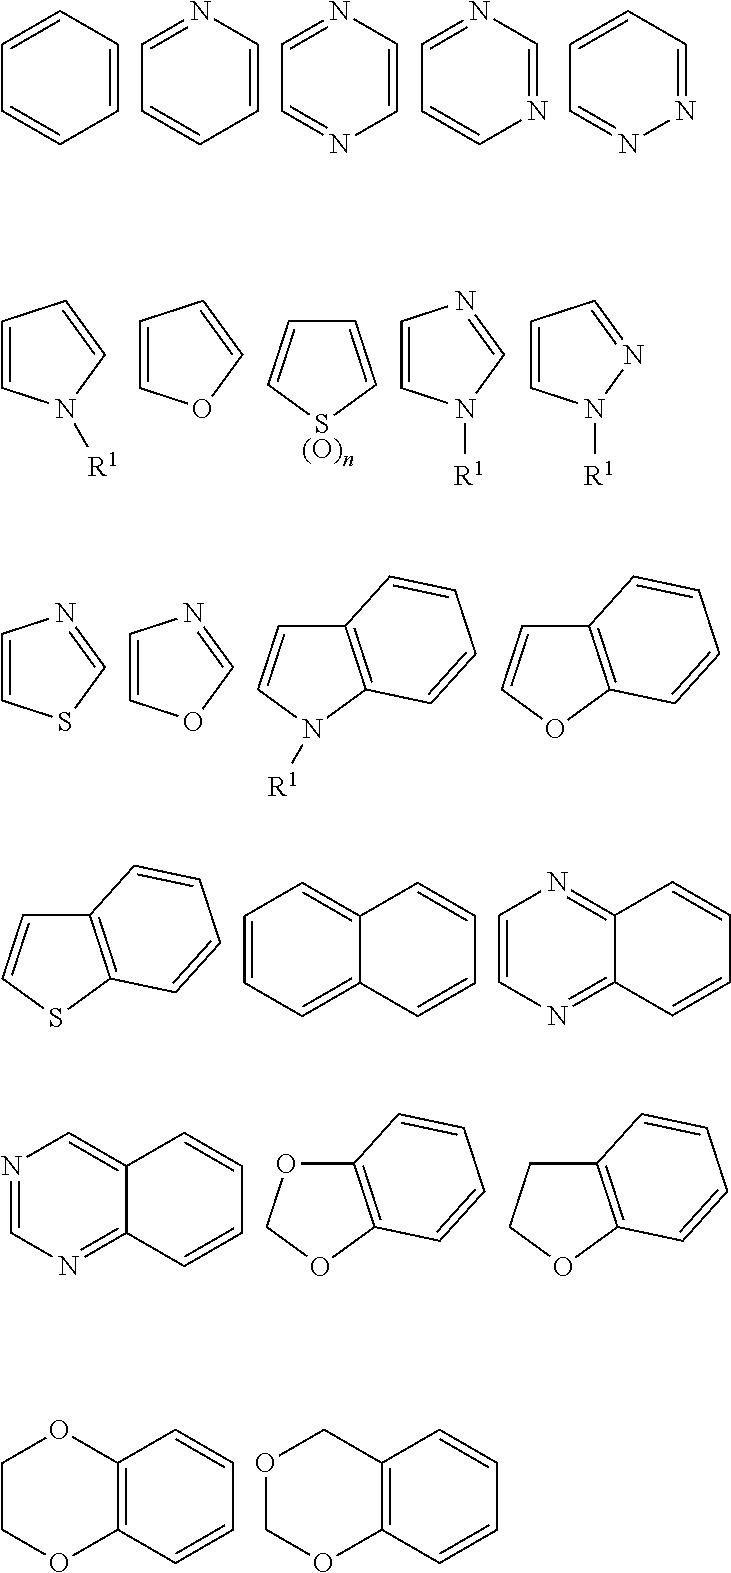 Figure US20110053905A1-20110303-C00022